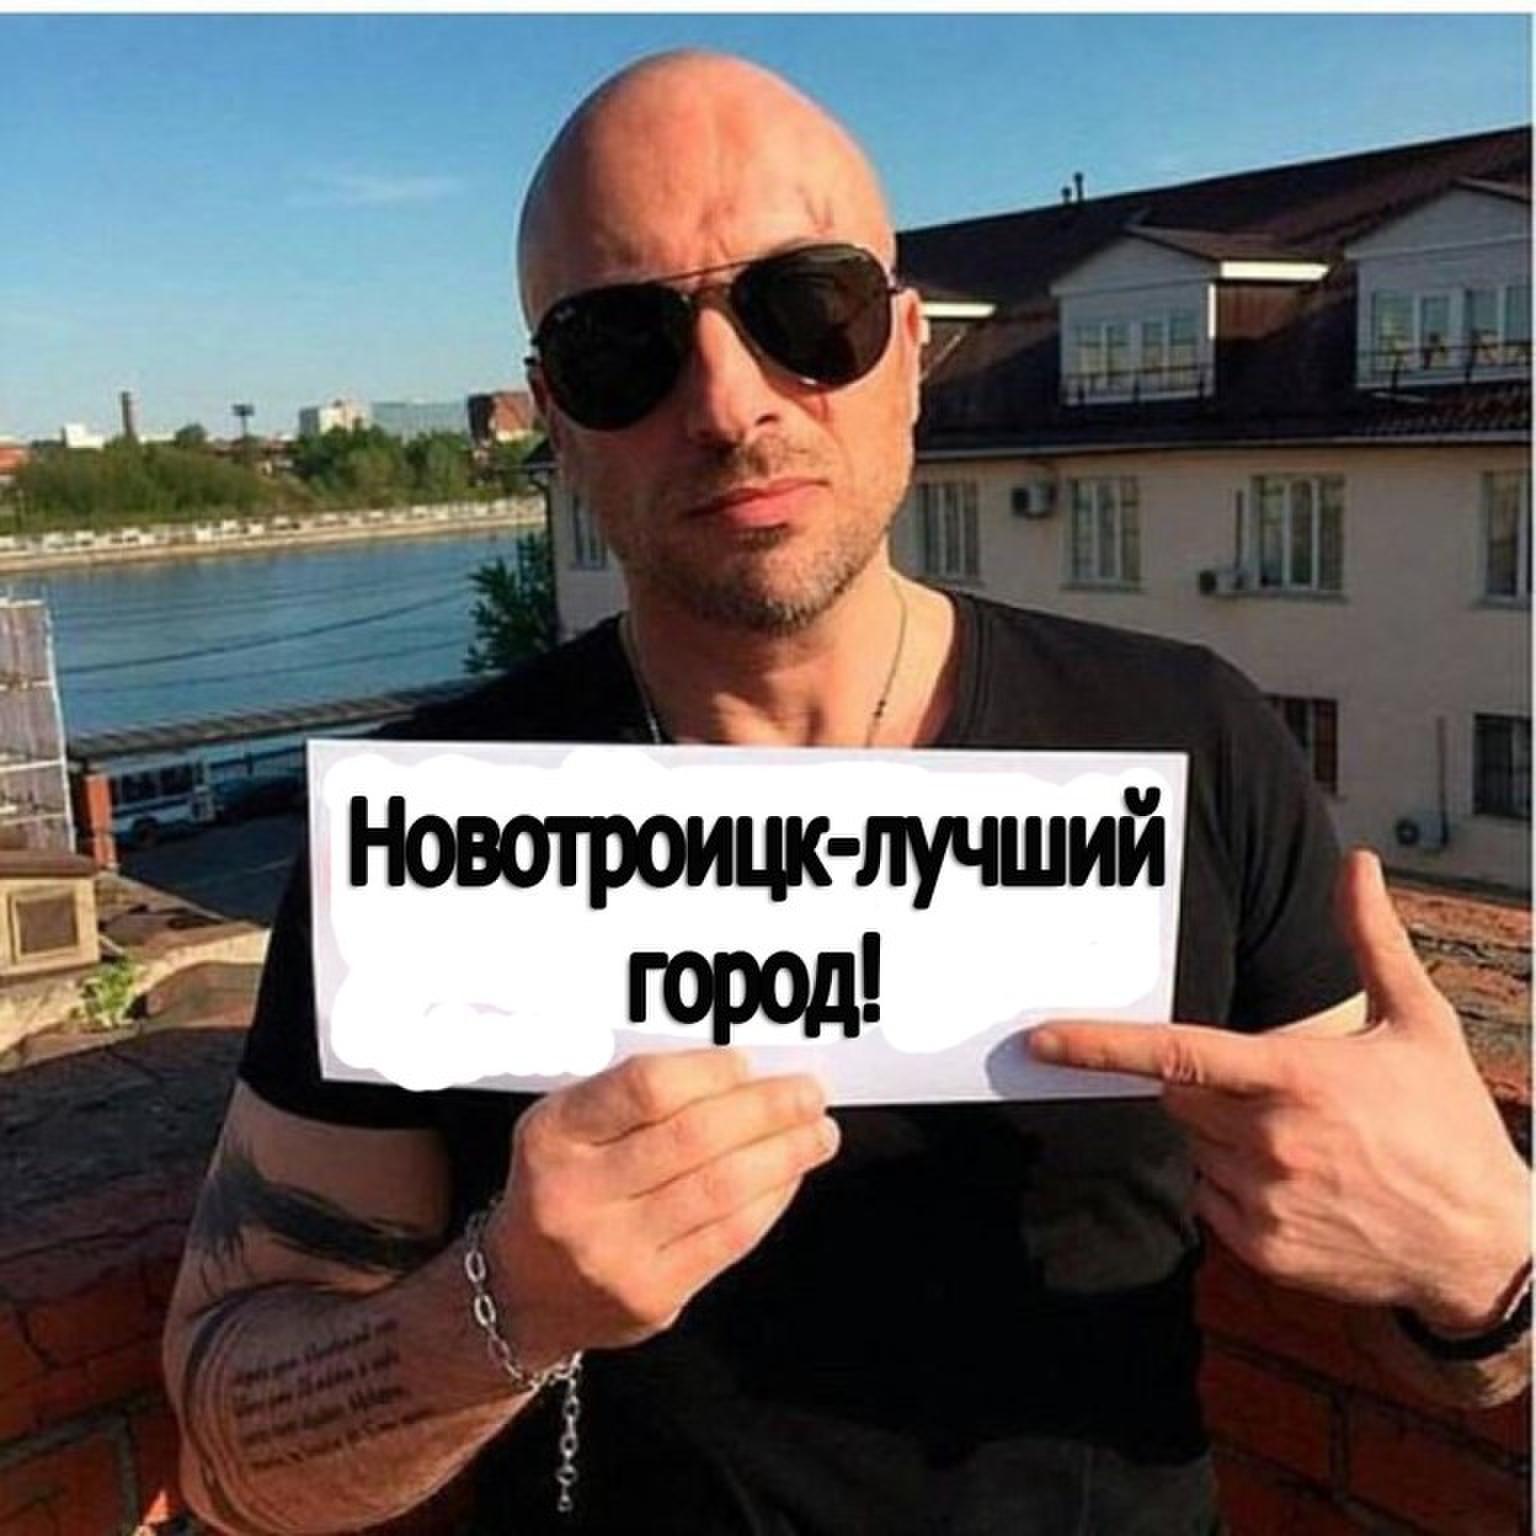 Sergey, 35, Novotroitsk